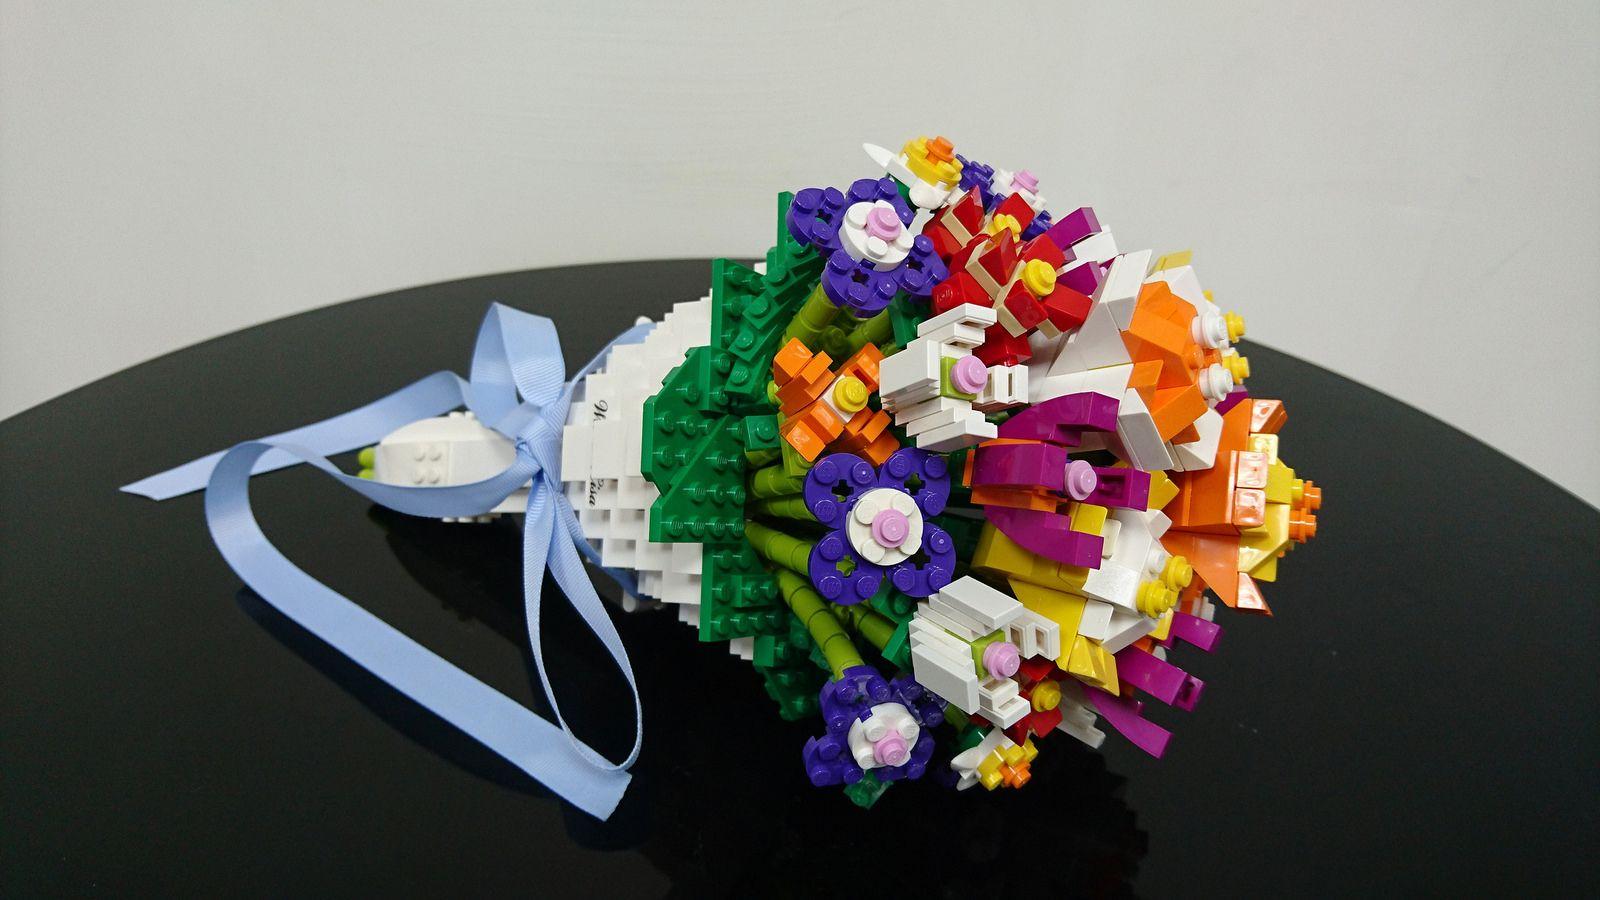 DSC_0011 Lego flower, Lego wedding, Lego projects